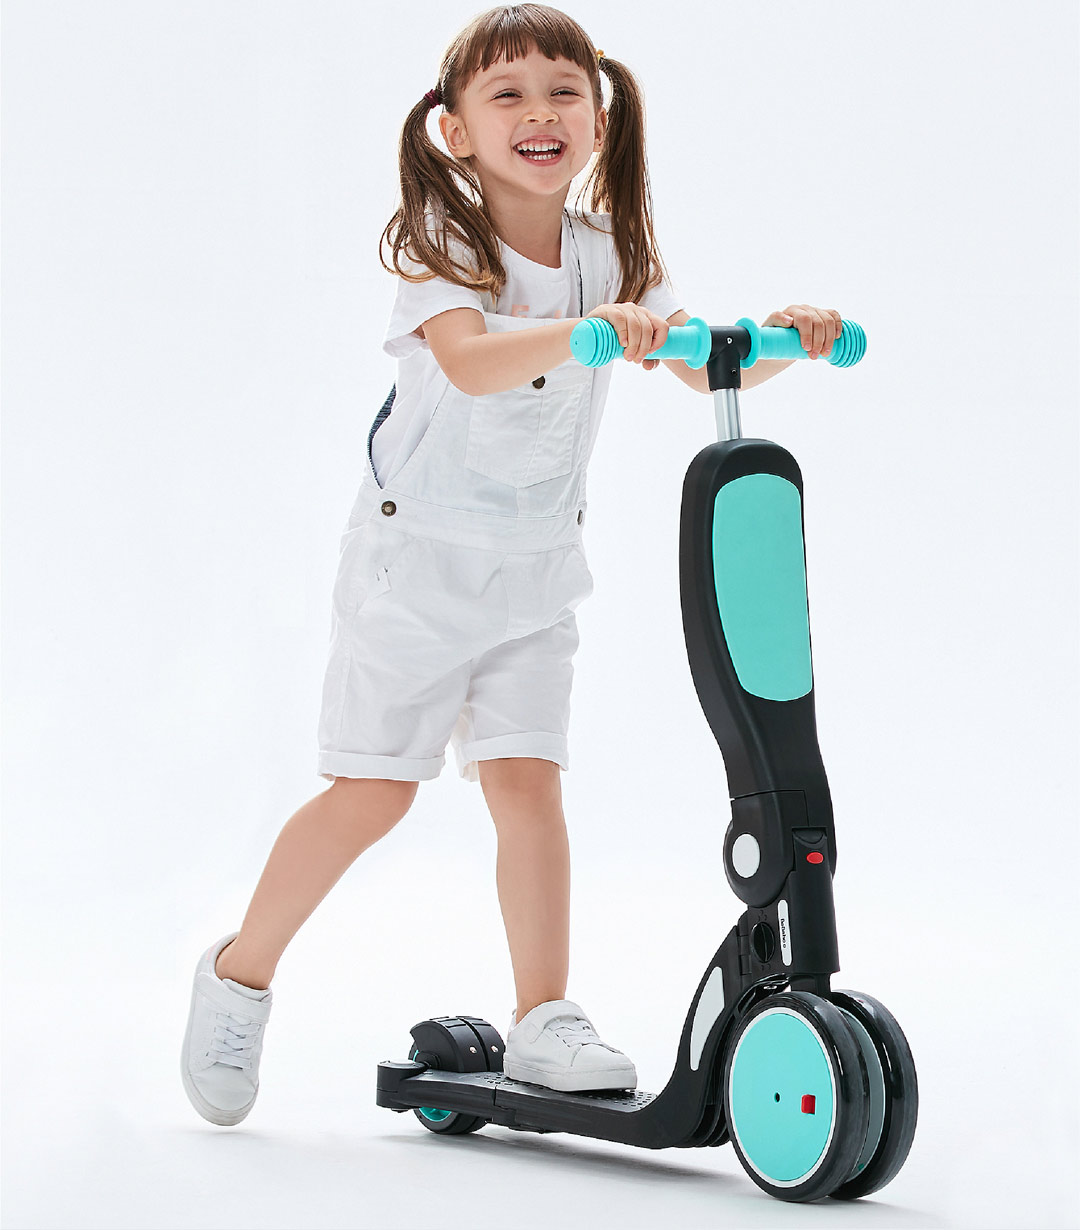 Enfants trois roues Balance vélo Scooter bébé marcheur 2-6 ans 5 en 1 multi-fonction Tricycle tour voiture jouet - 6